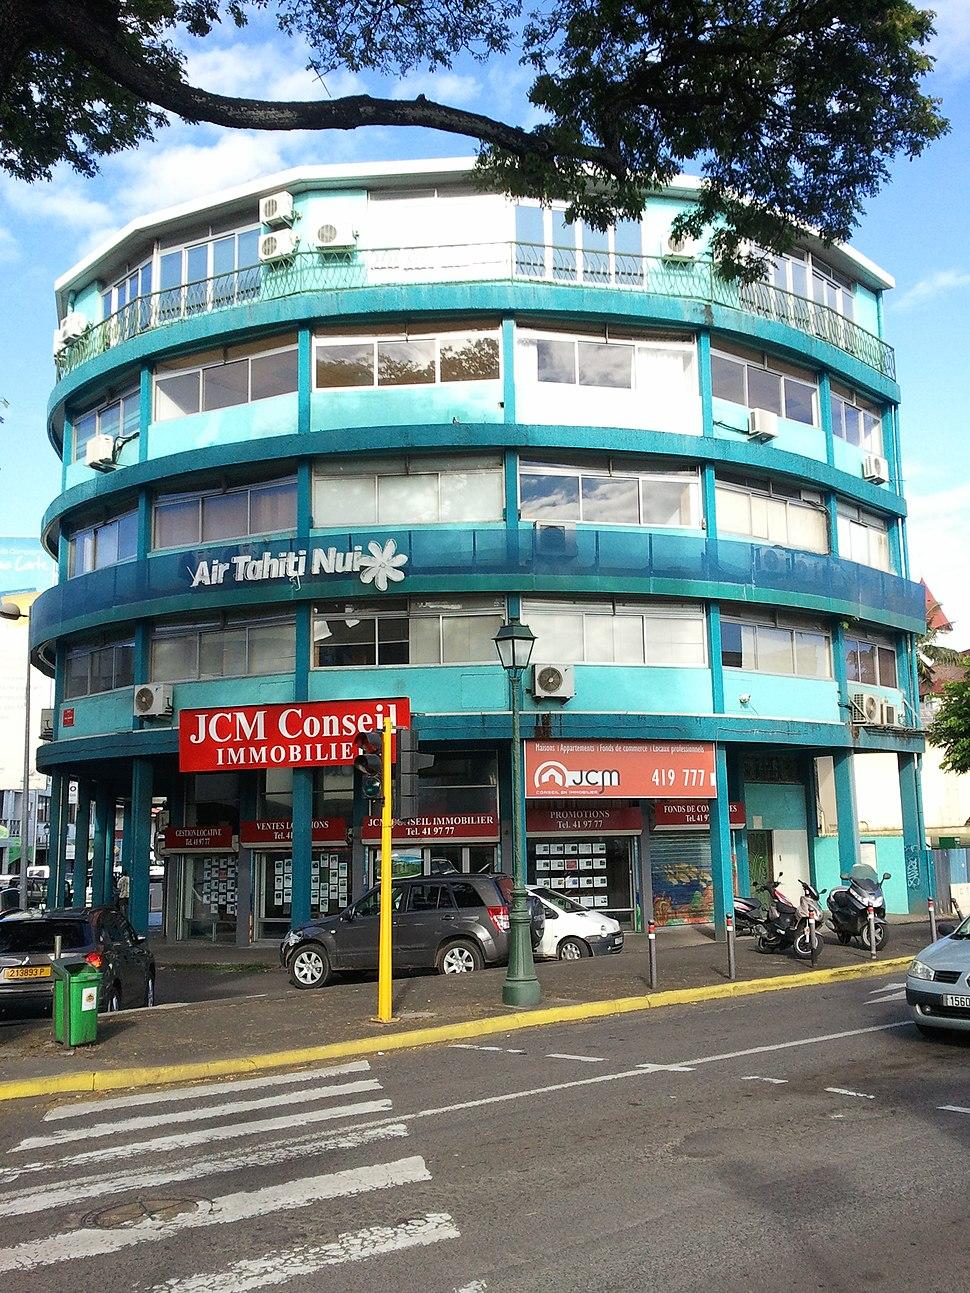 Immeuble Dexter - Pont de L%E2%80%99Est - Papeete - Tahiti - Polyn%C3%A9sie fran%C3%A7aise